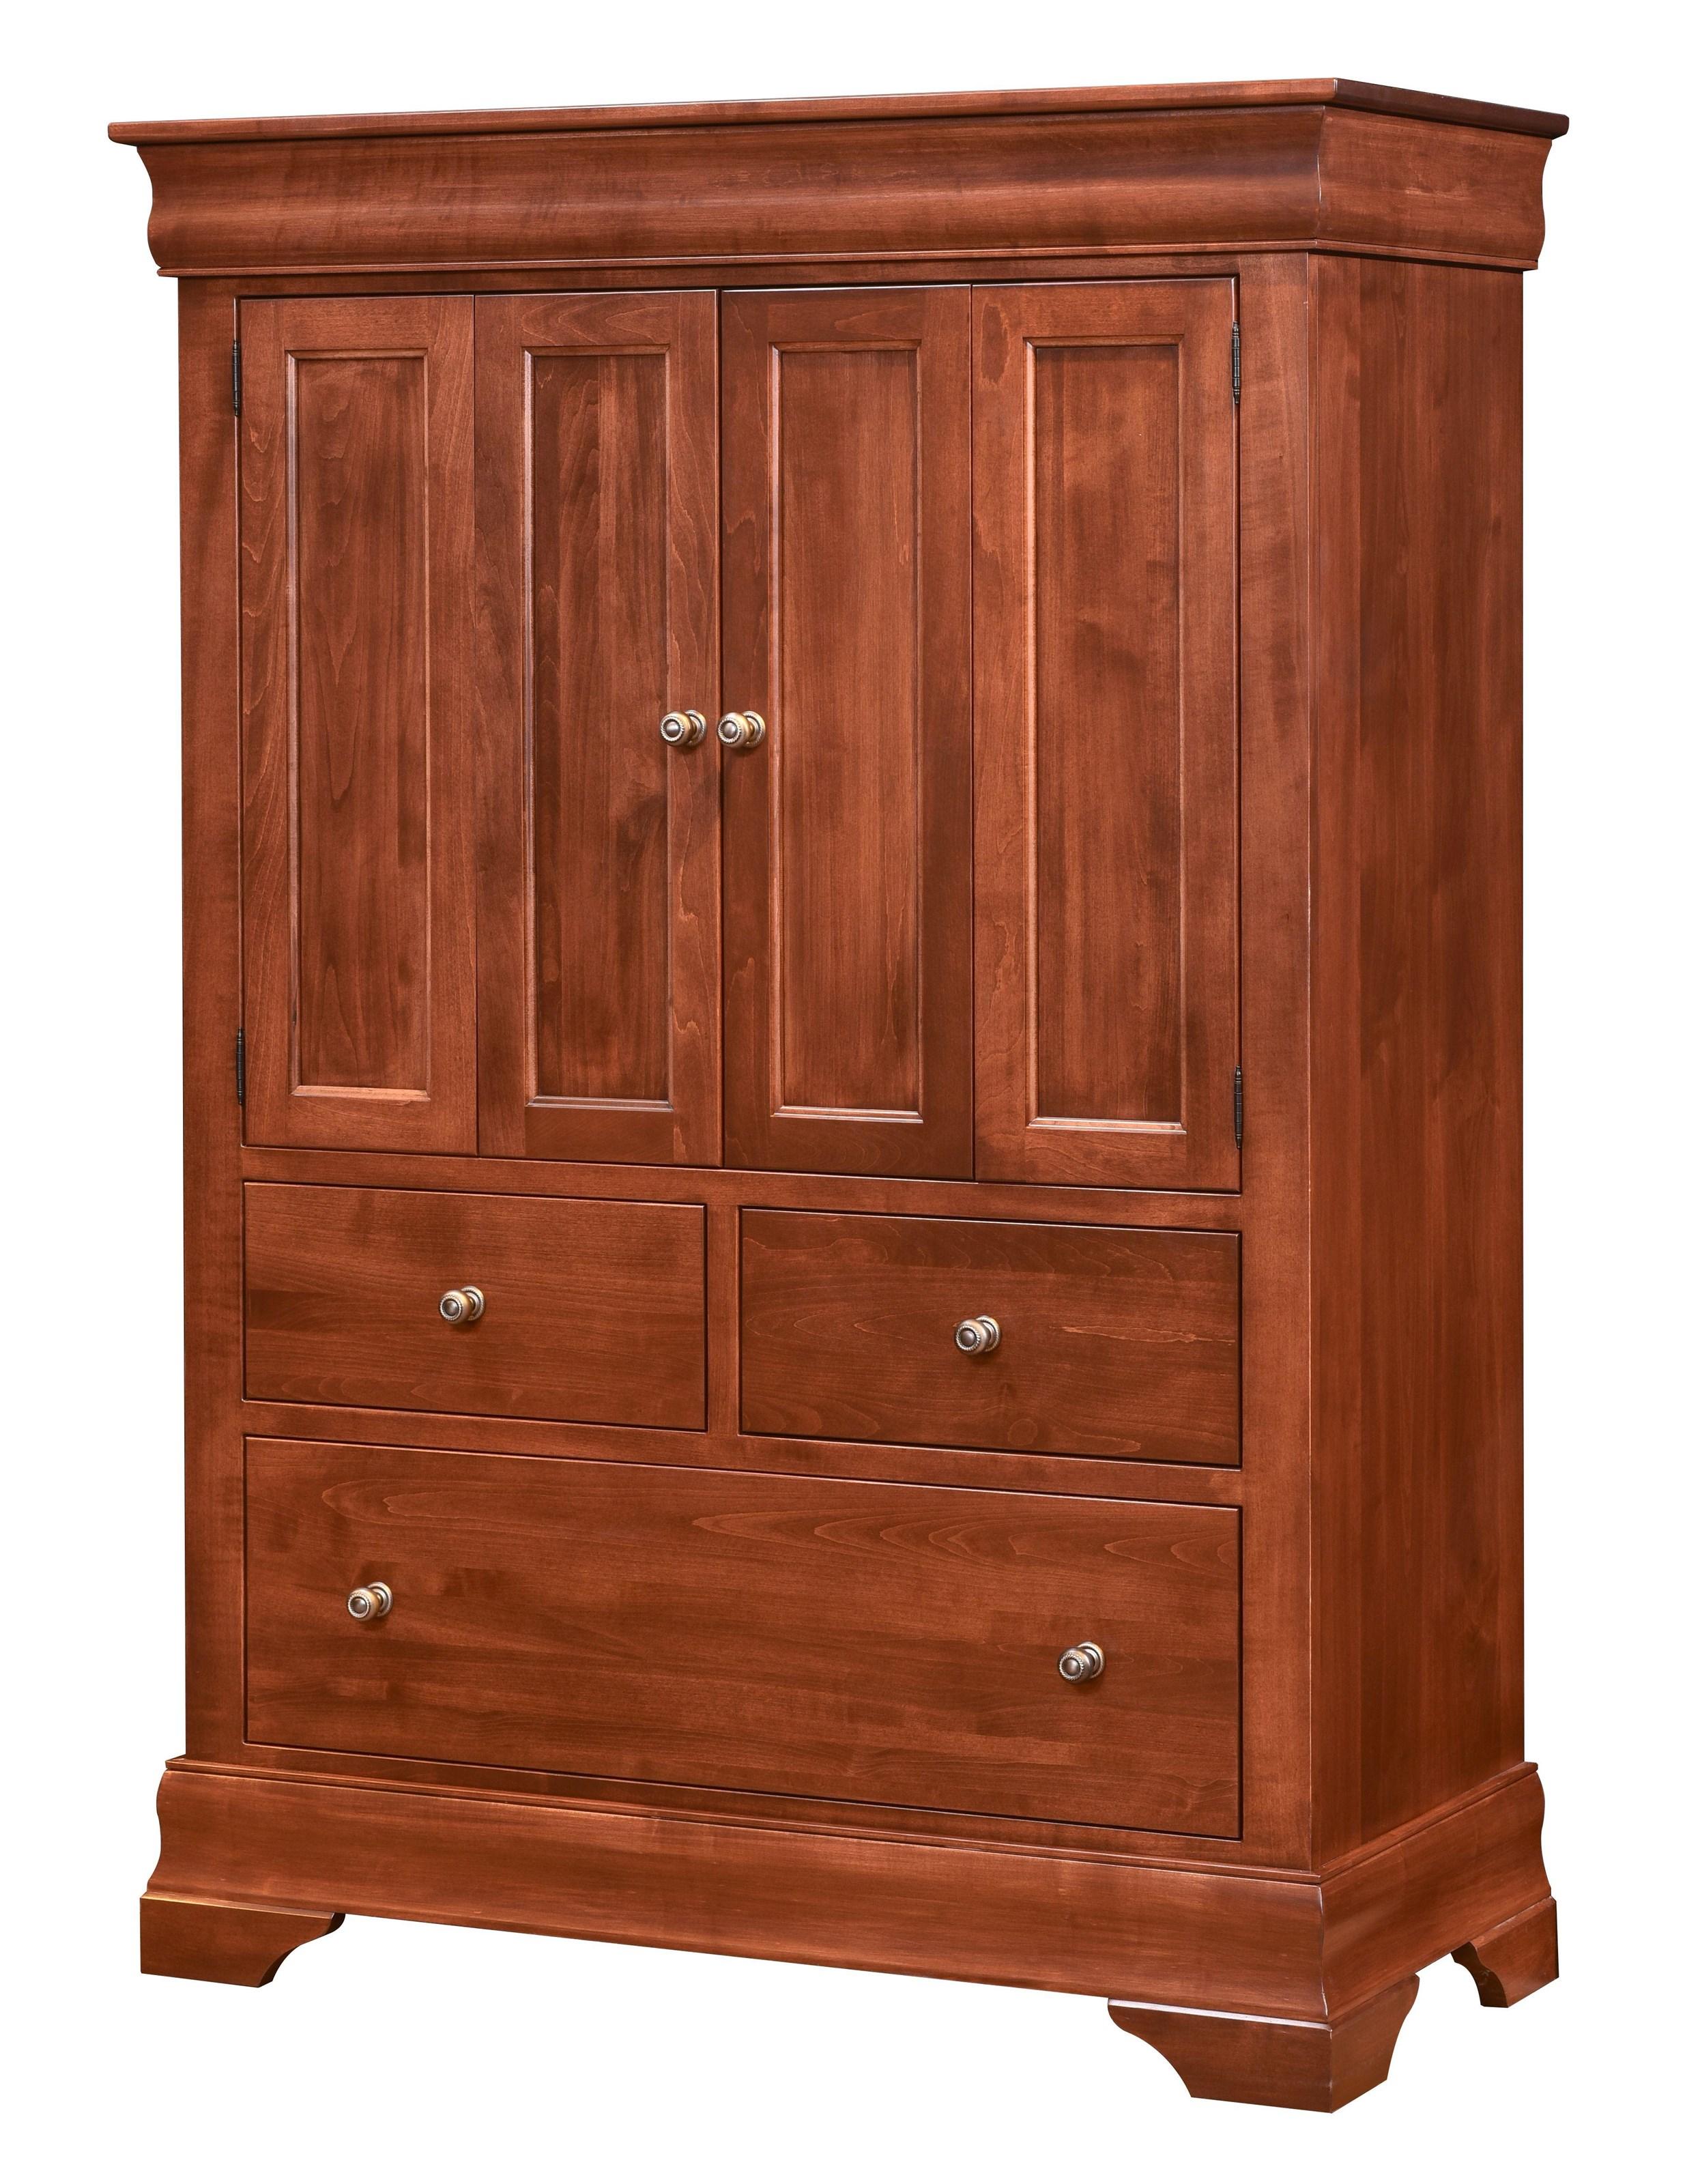 Armoire 2 Door, 3 Drawers